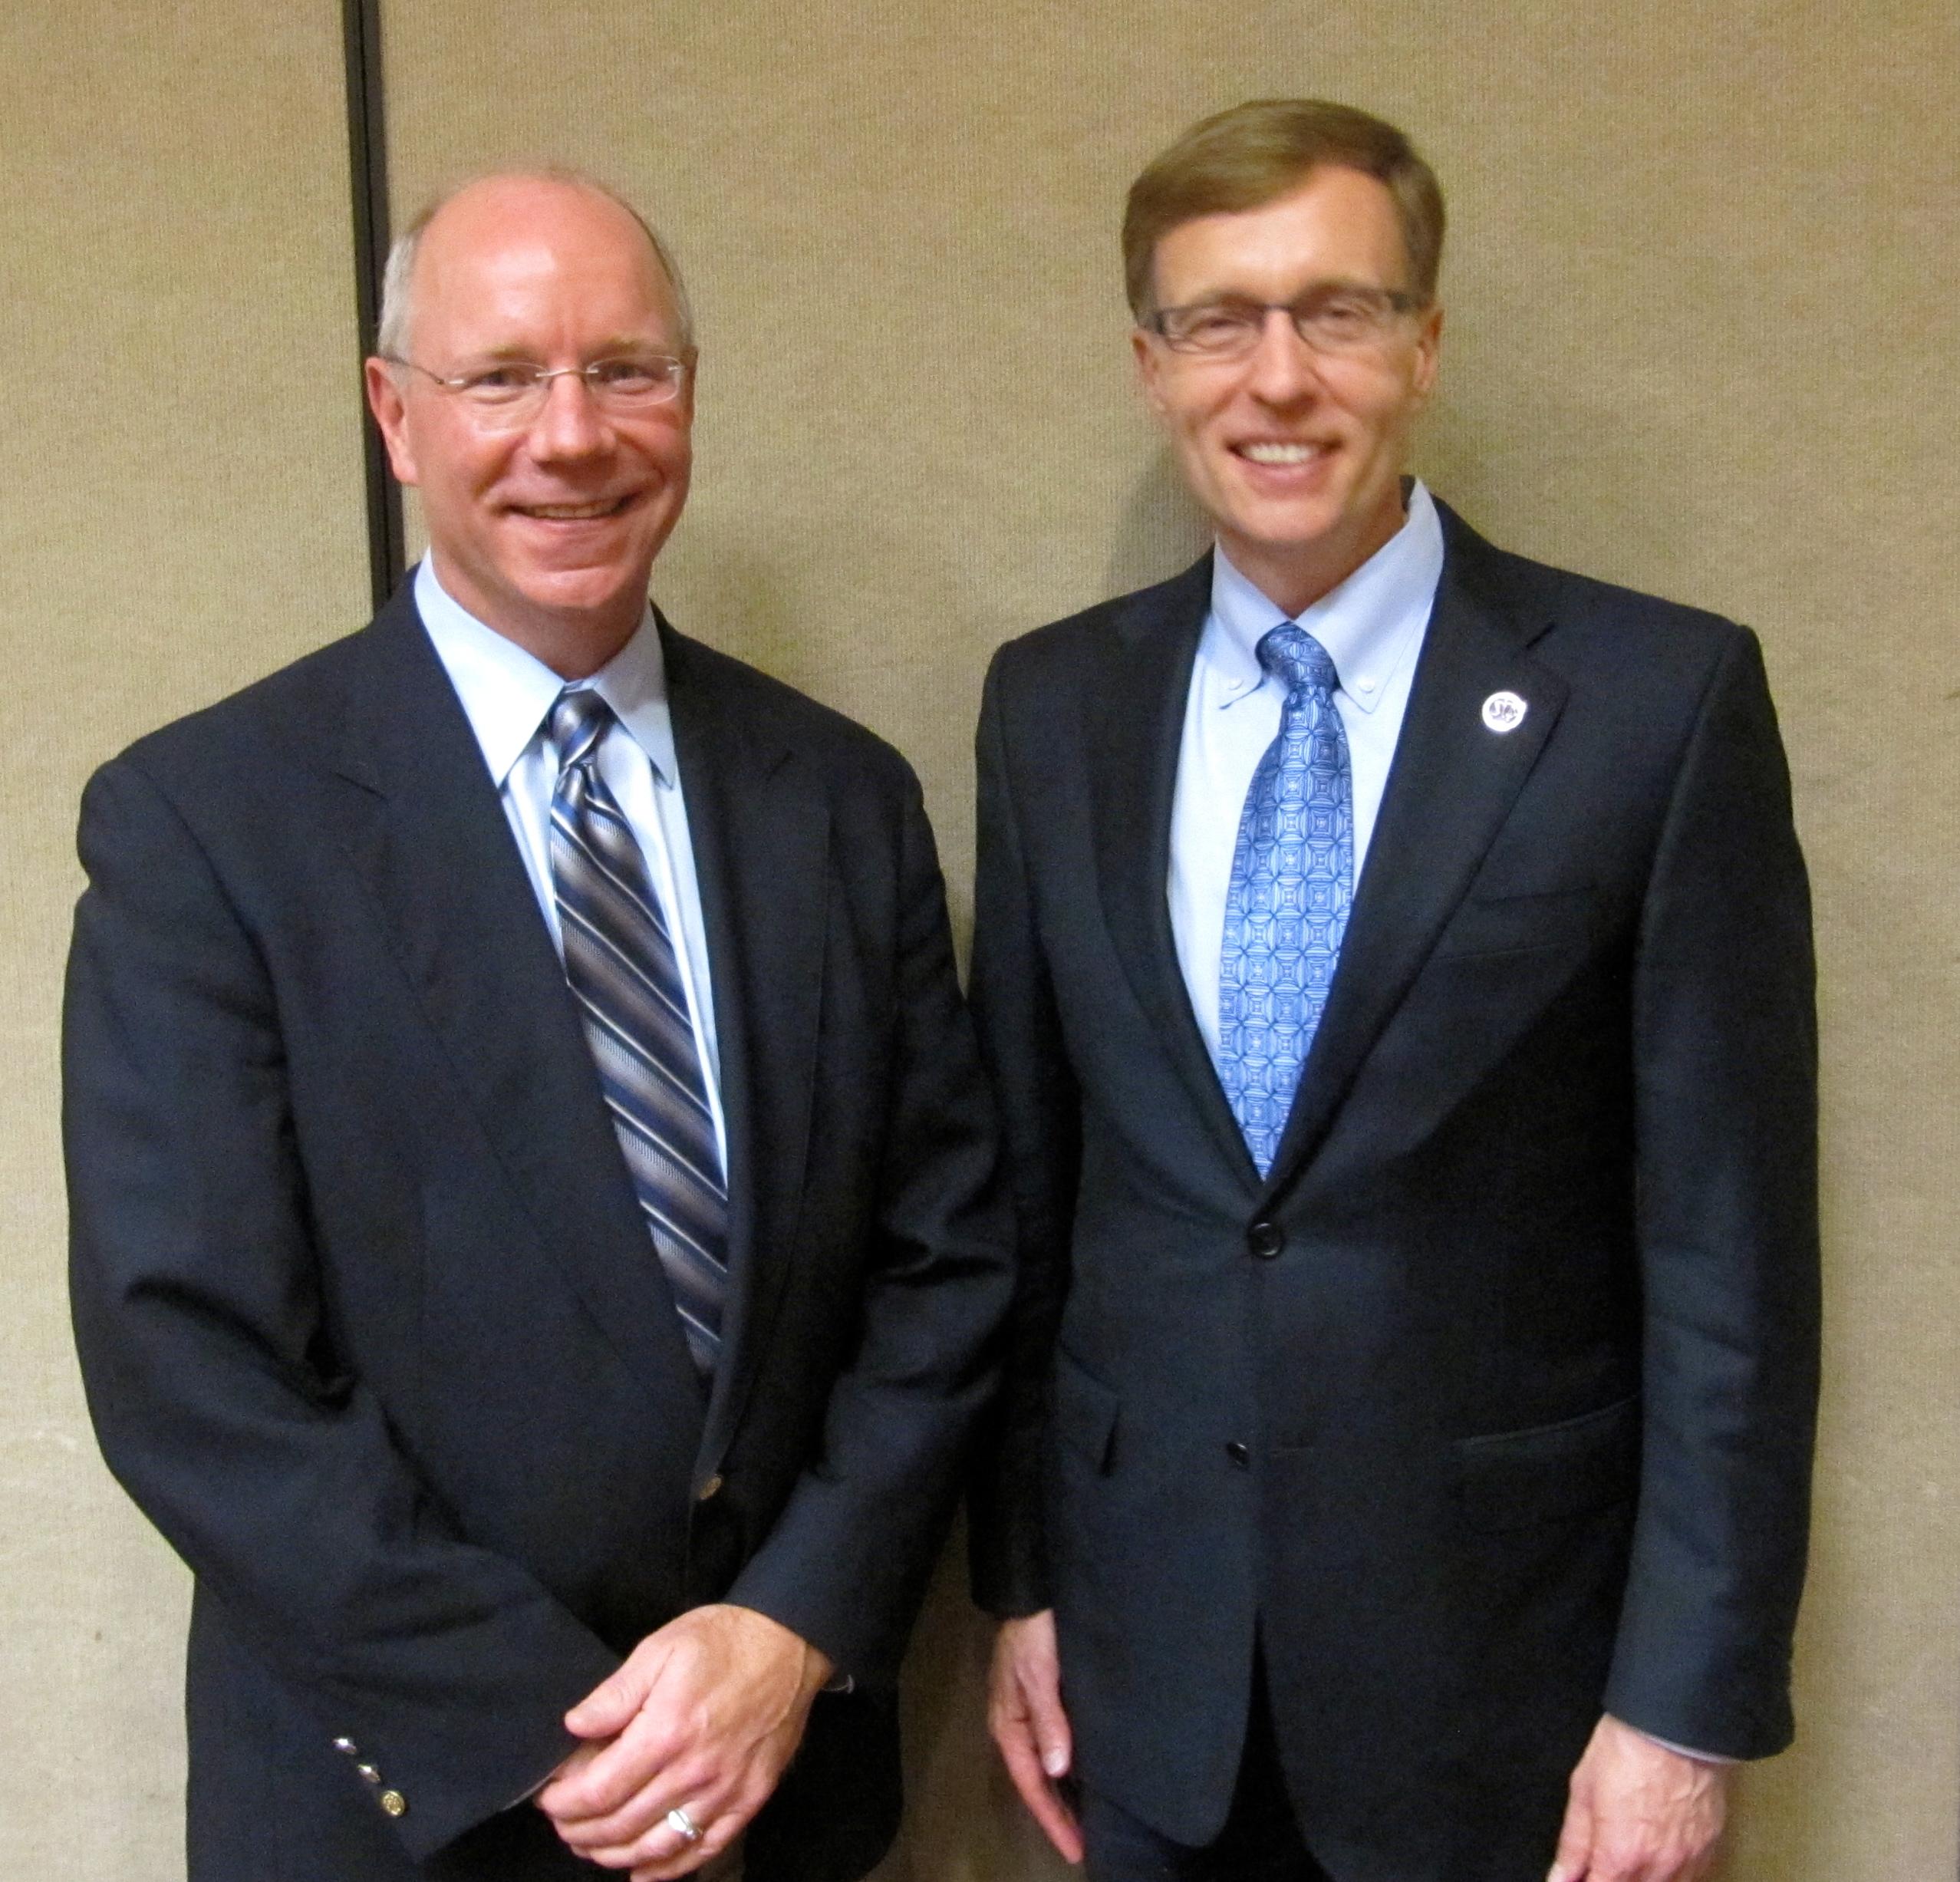 David Grimm and Washington State Attorney General Rob McKenna